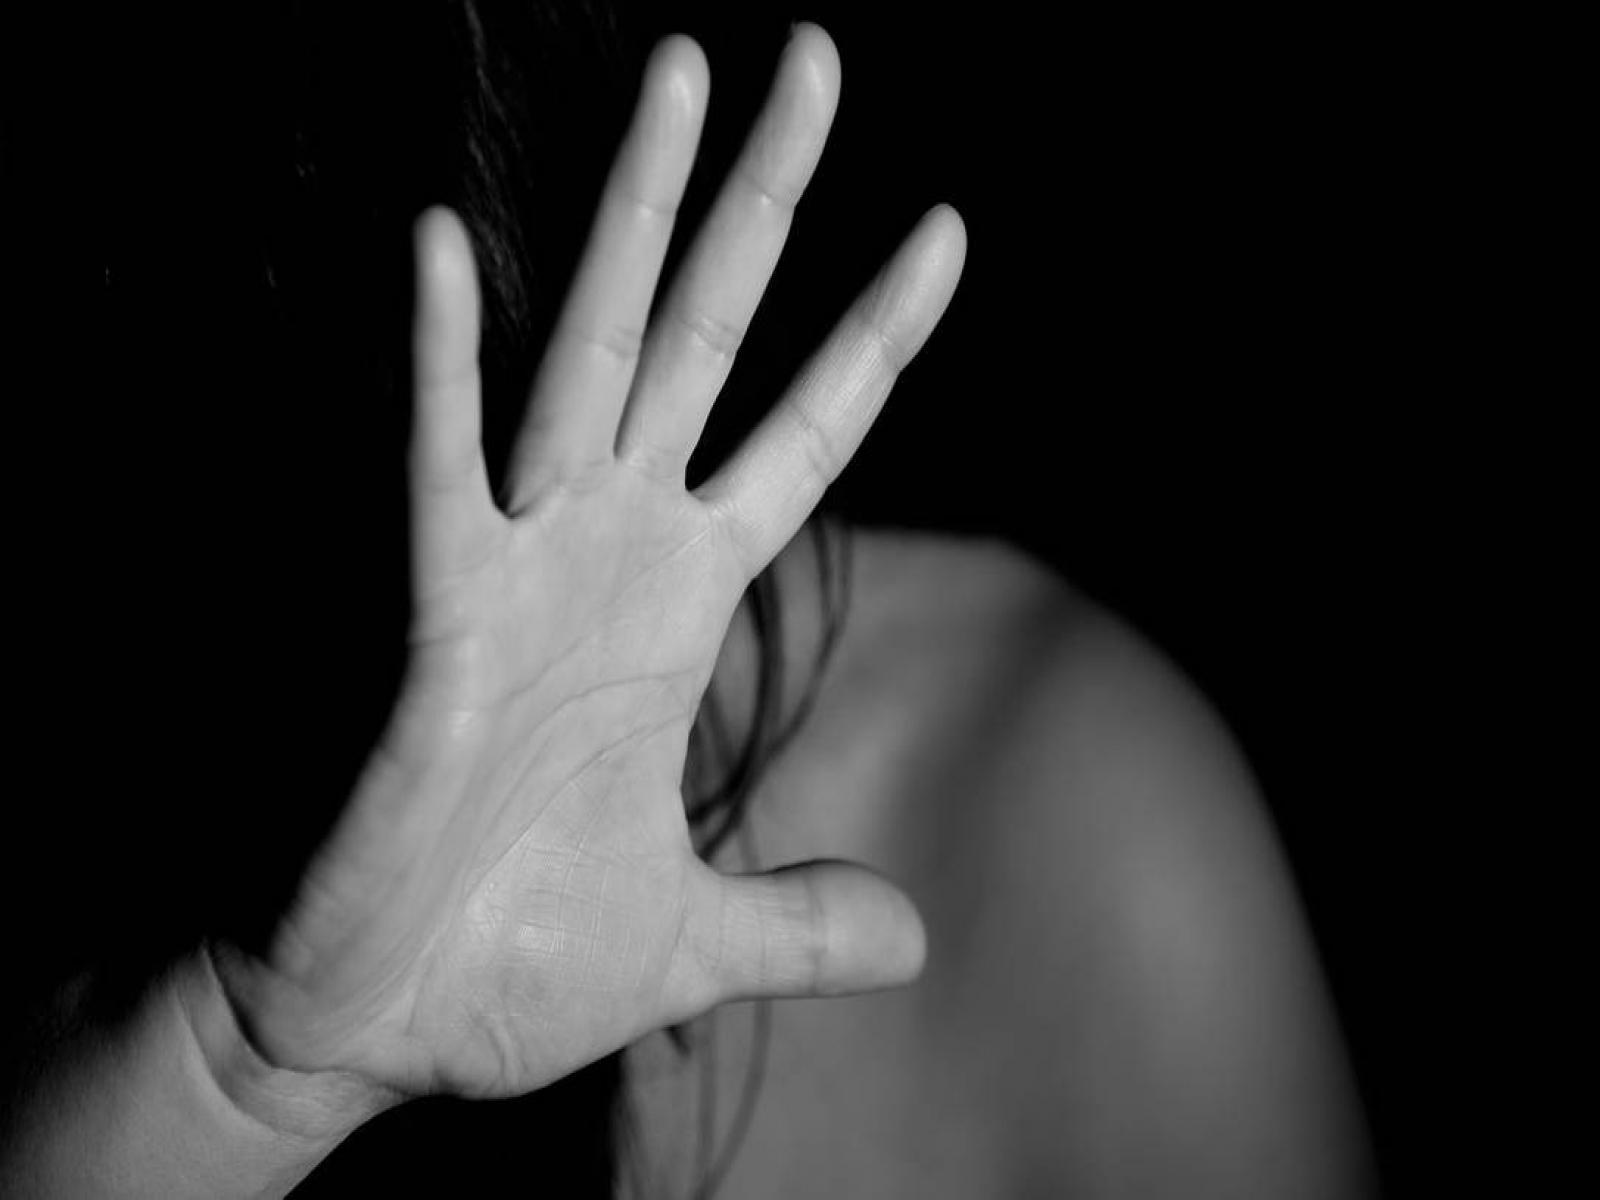 Morador de rua é preso em flagrante tentando estuprar uma mulher no bairro Curral Novo